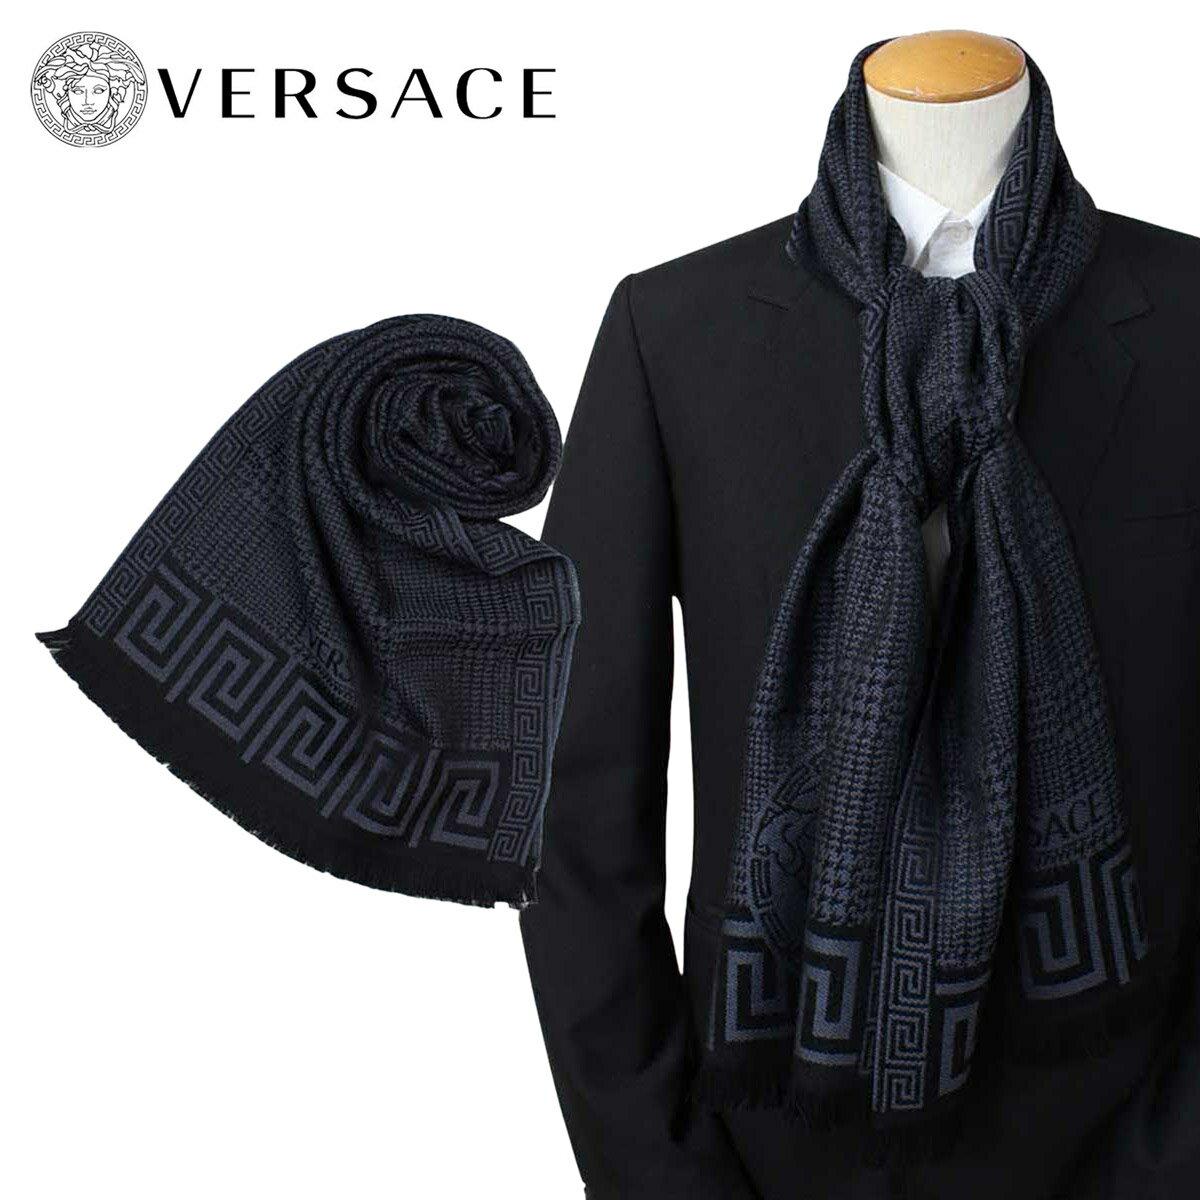 VERSACE マフラー ヴェルサーチ ベルサーチ メンズ ウール イタリア製 カジュアル ビジネス 0665